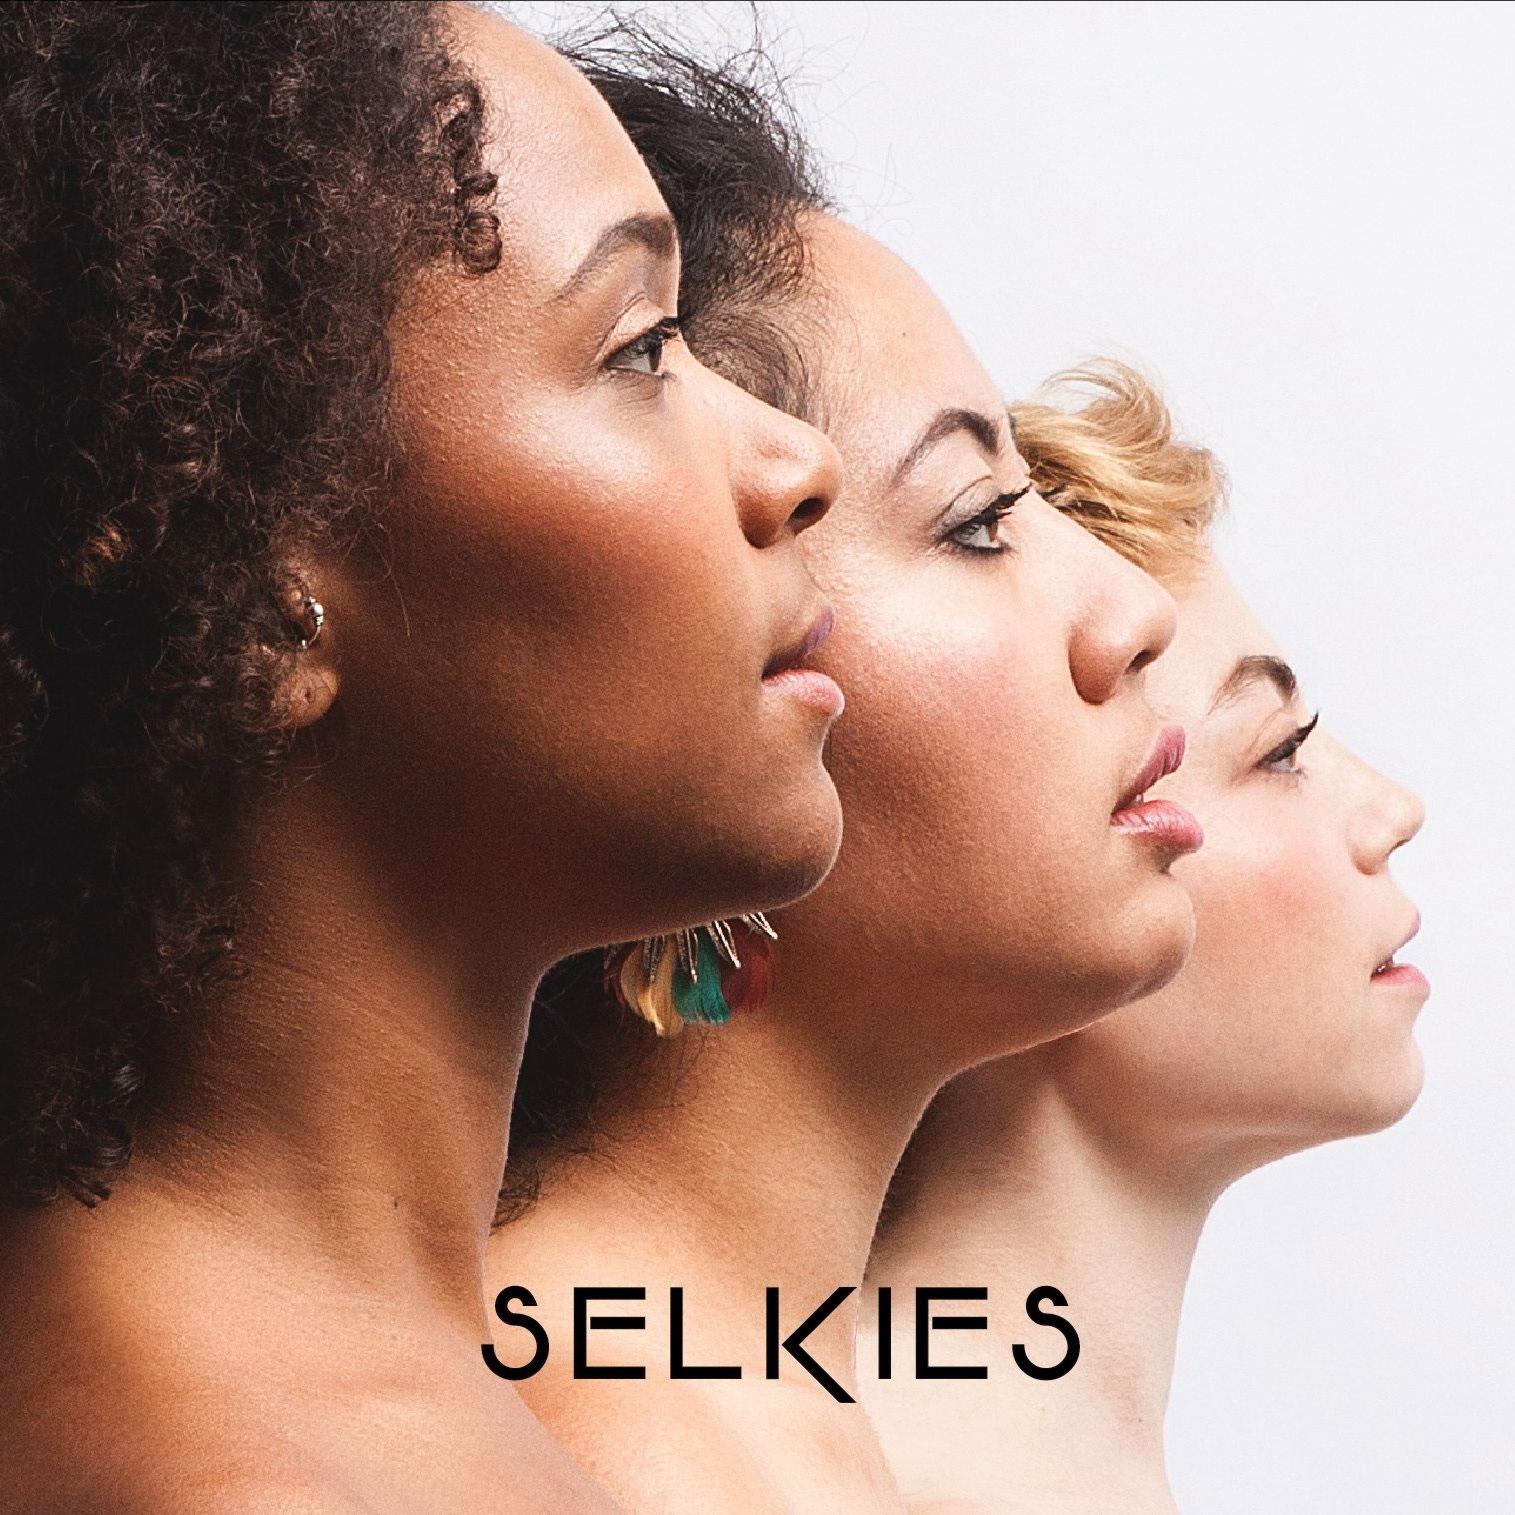 SELKIES